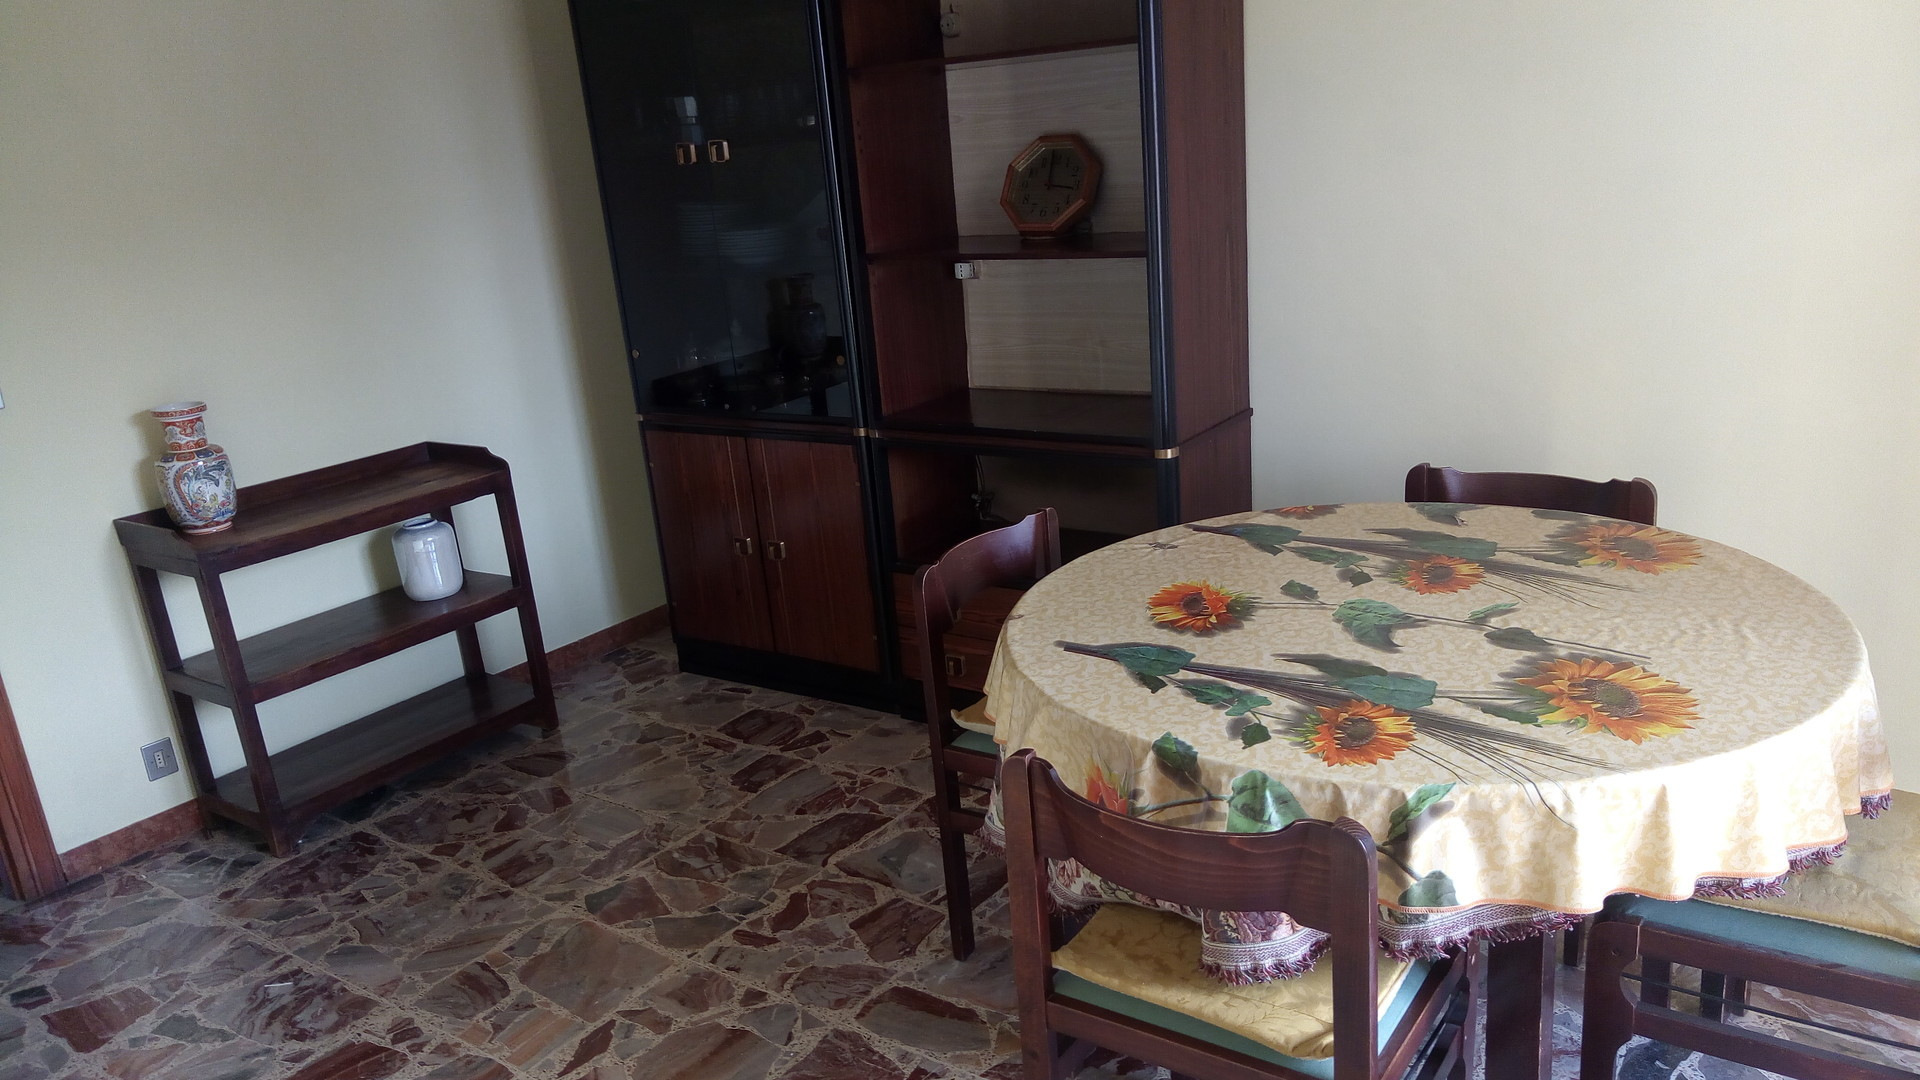 brand-new-flat-3-students-corso-venezia-torino-930e30ca3ef66f5fcdd1781cebf78add